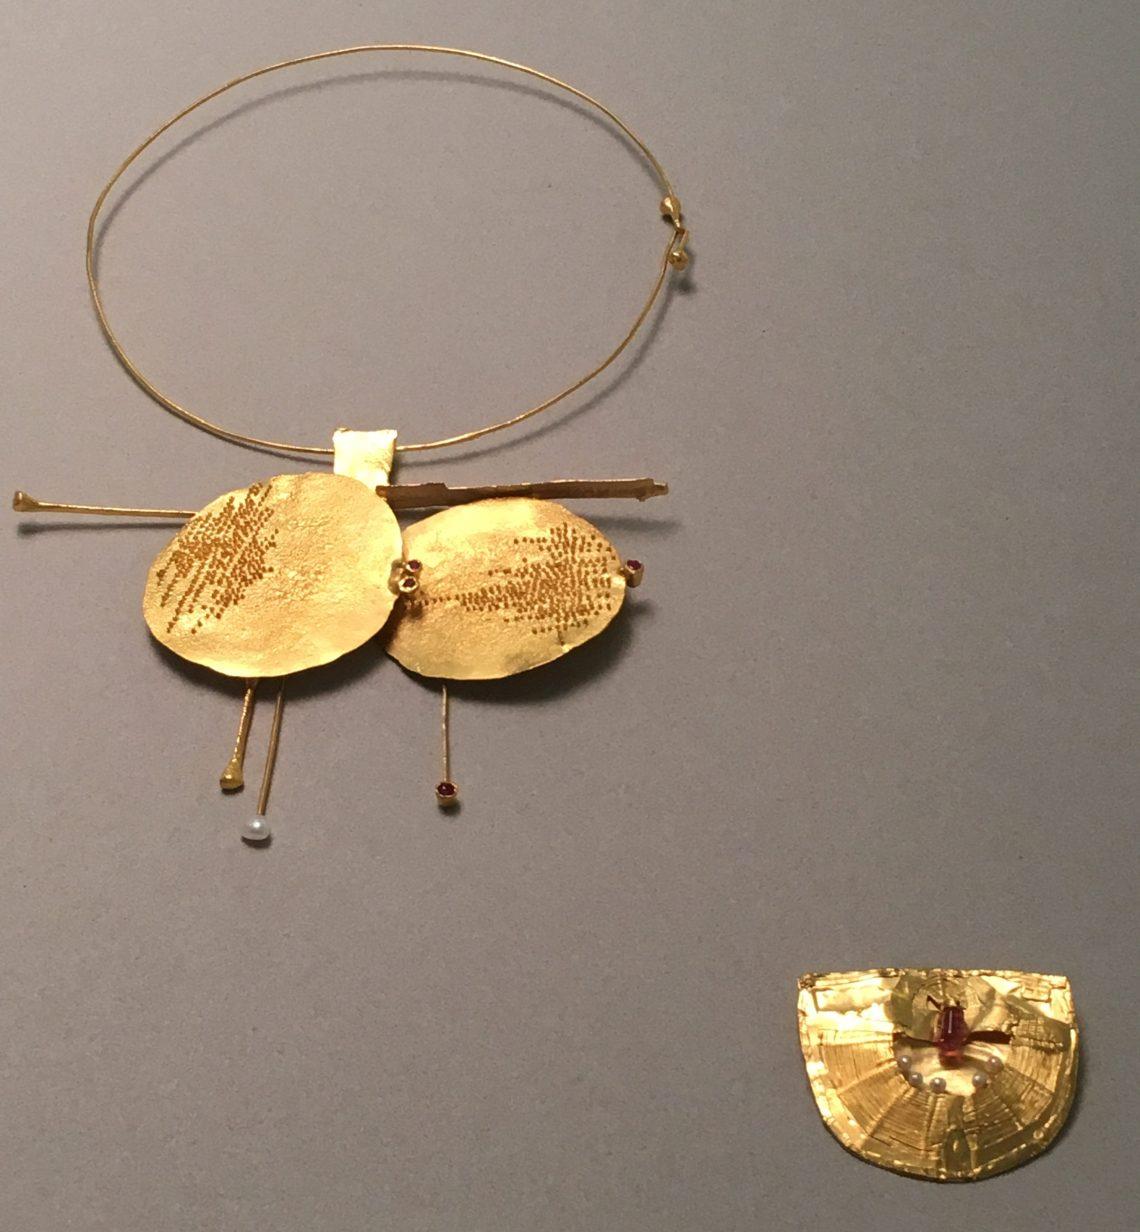 Robert Smit, halssieraad, 1968, collectie CODA (bruikleen RCE), broche, 1967, collectie Design Museum Den Bosch (bruikleen RCE). Foto met dank aan Liesbeth den Besten©